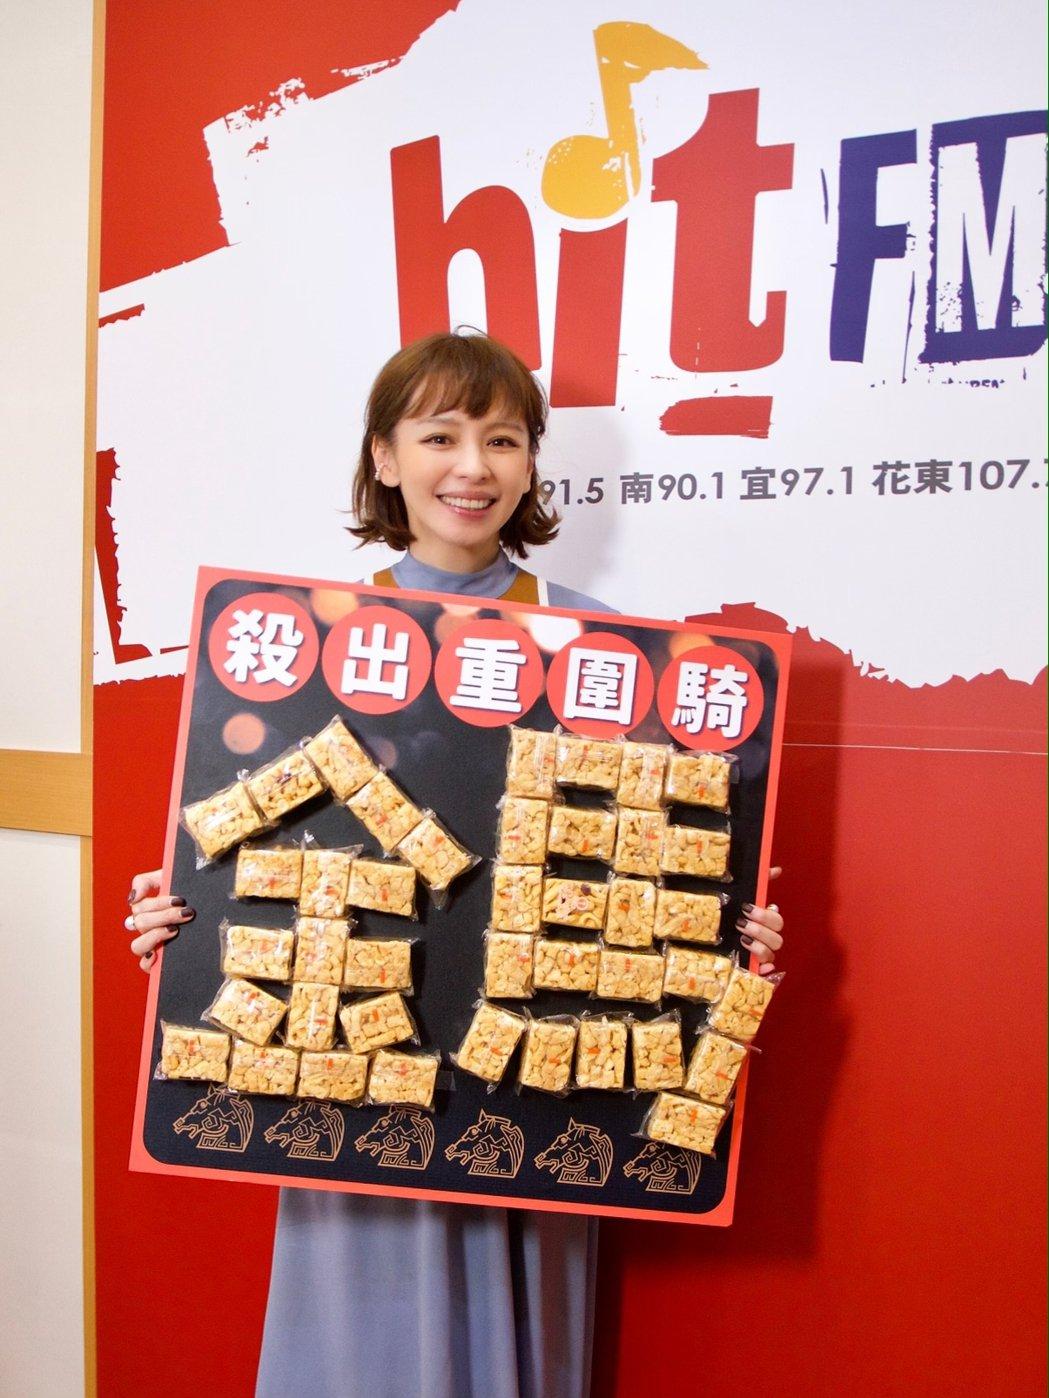 徐若瑄擔任監製、演出的電影「孤味」一舉入圍金馬6項大獎。圖/Hit Fm聯播網提...